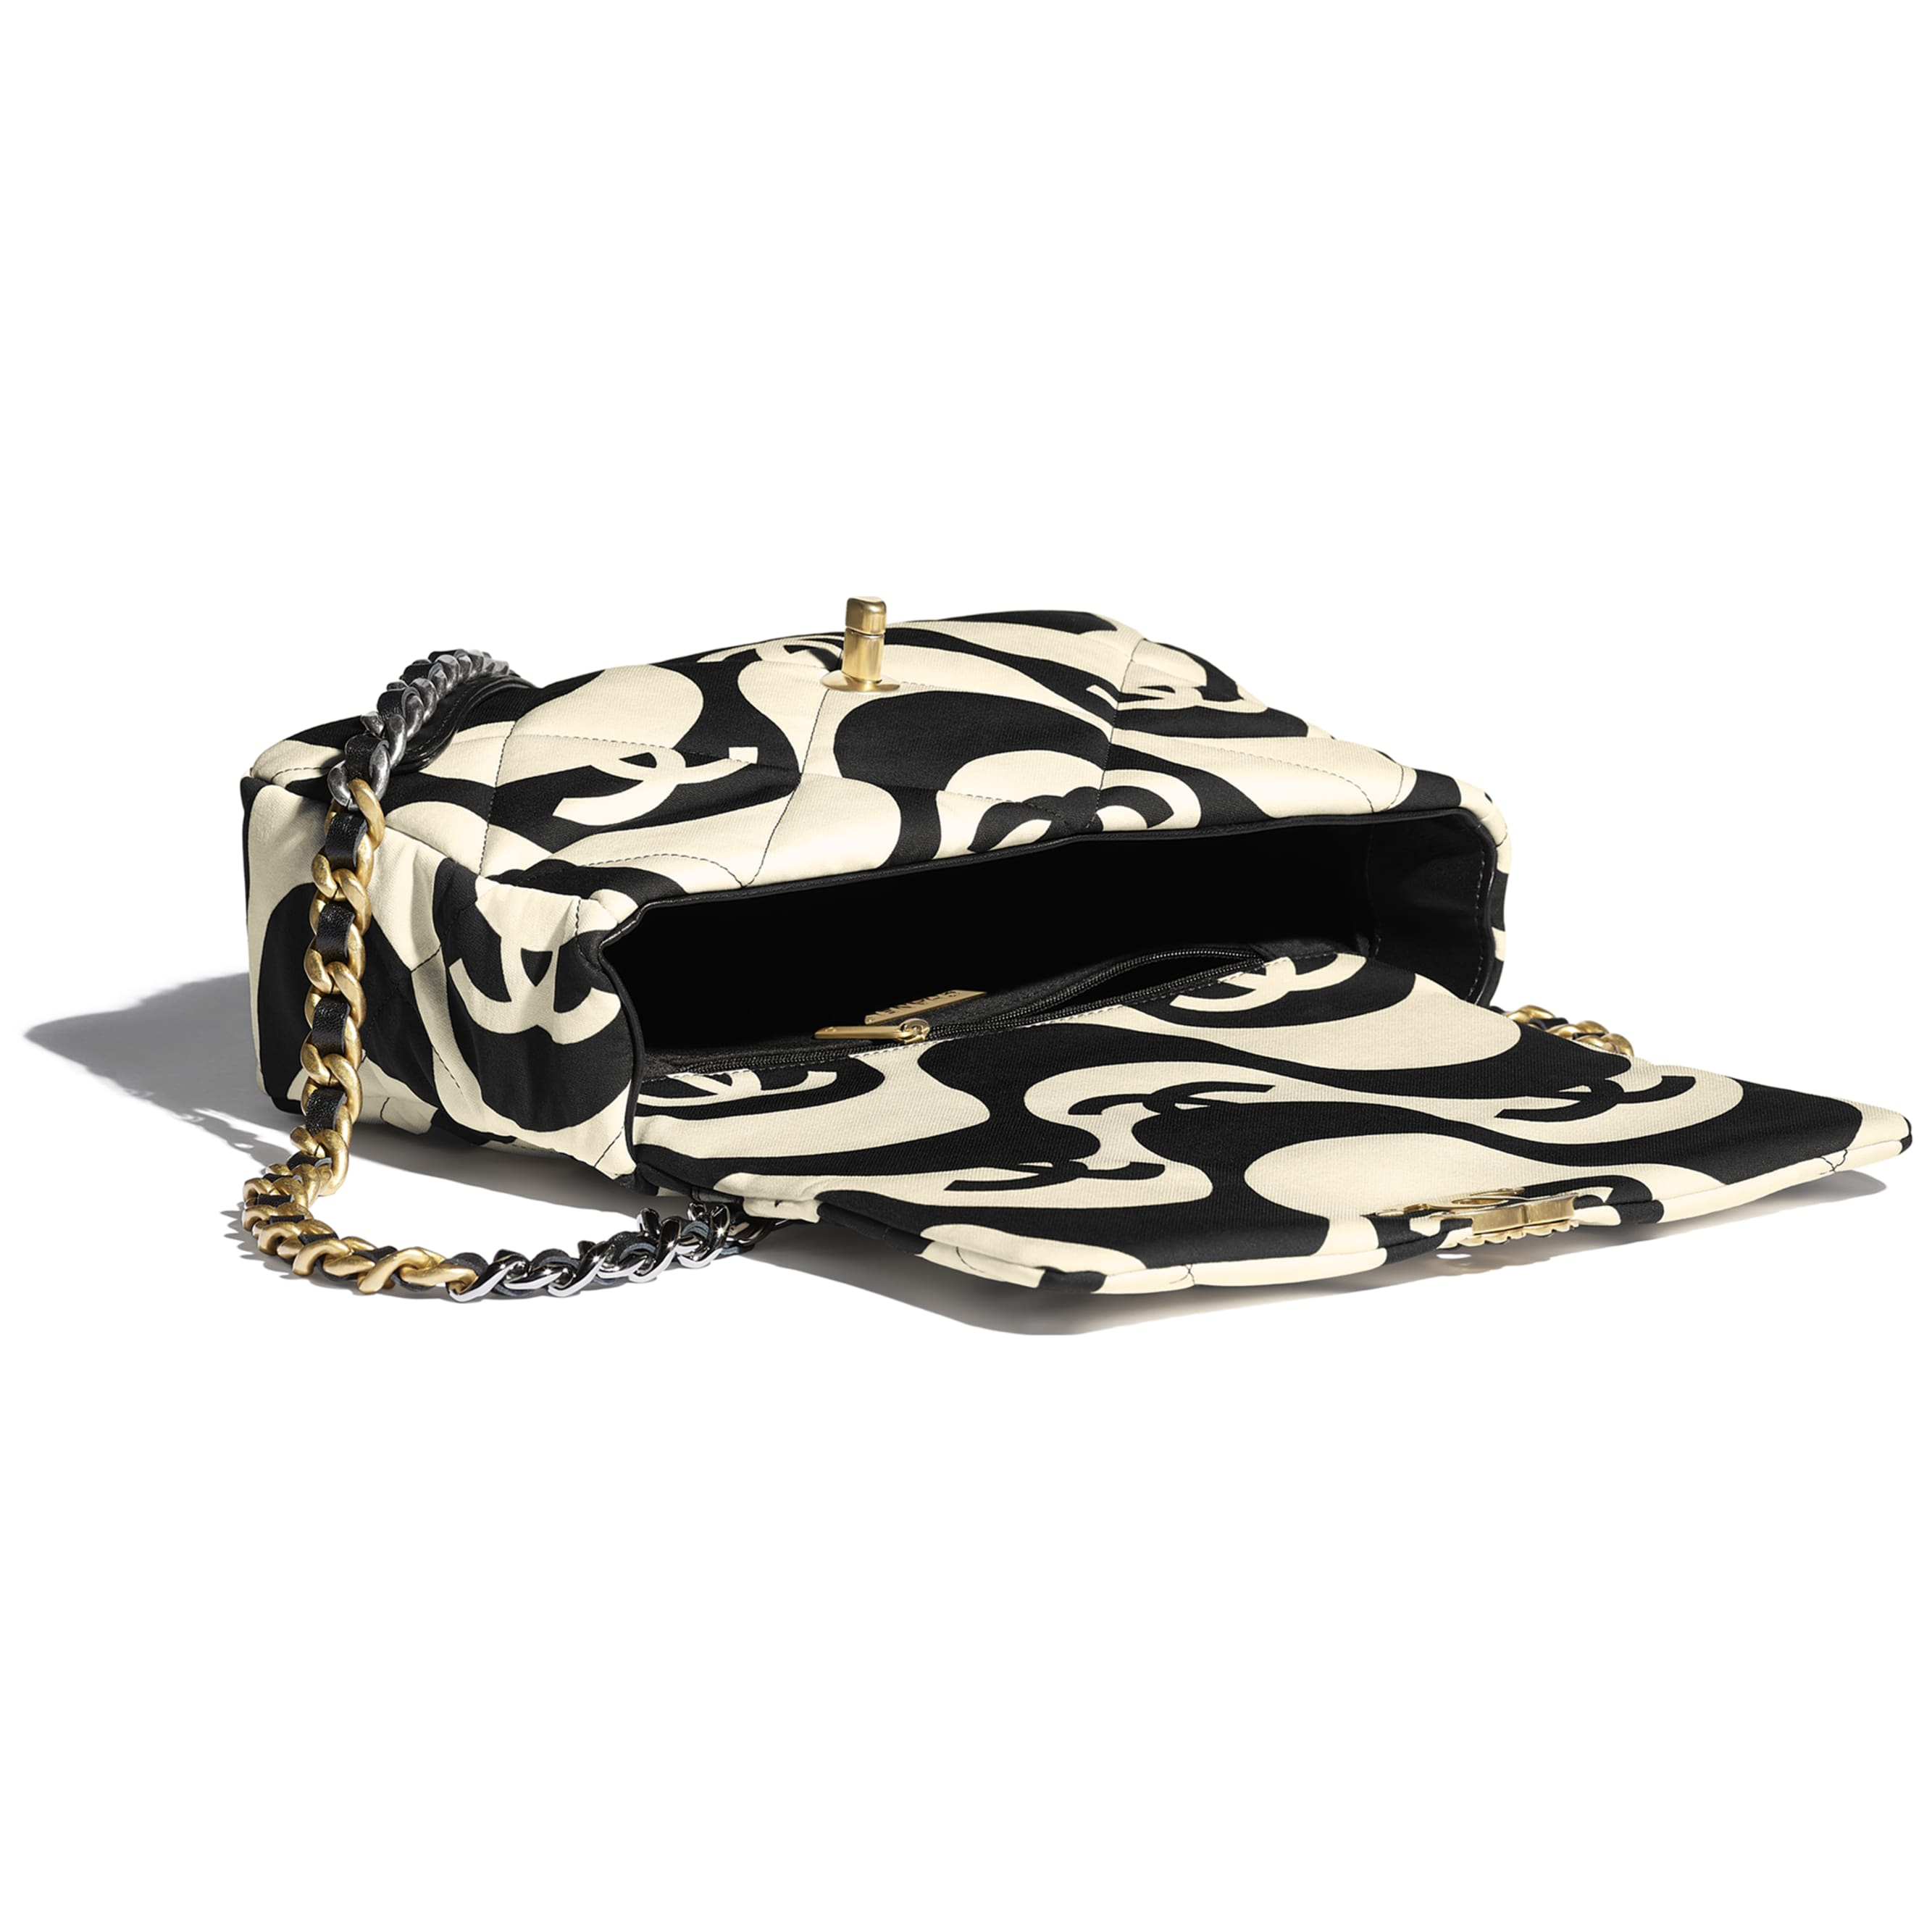 Grand sac à rabat CHANEL 19 - Noir & écru - Tissu imprimé, métal doré, argenté & finition ruthénium - CHANEL - Autre vue - voir la version taille standard